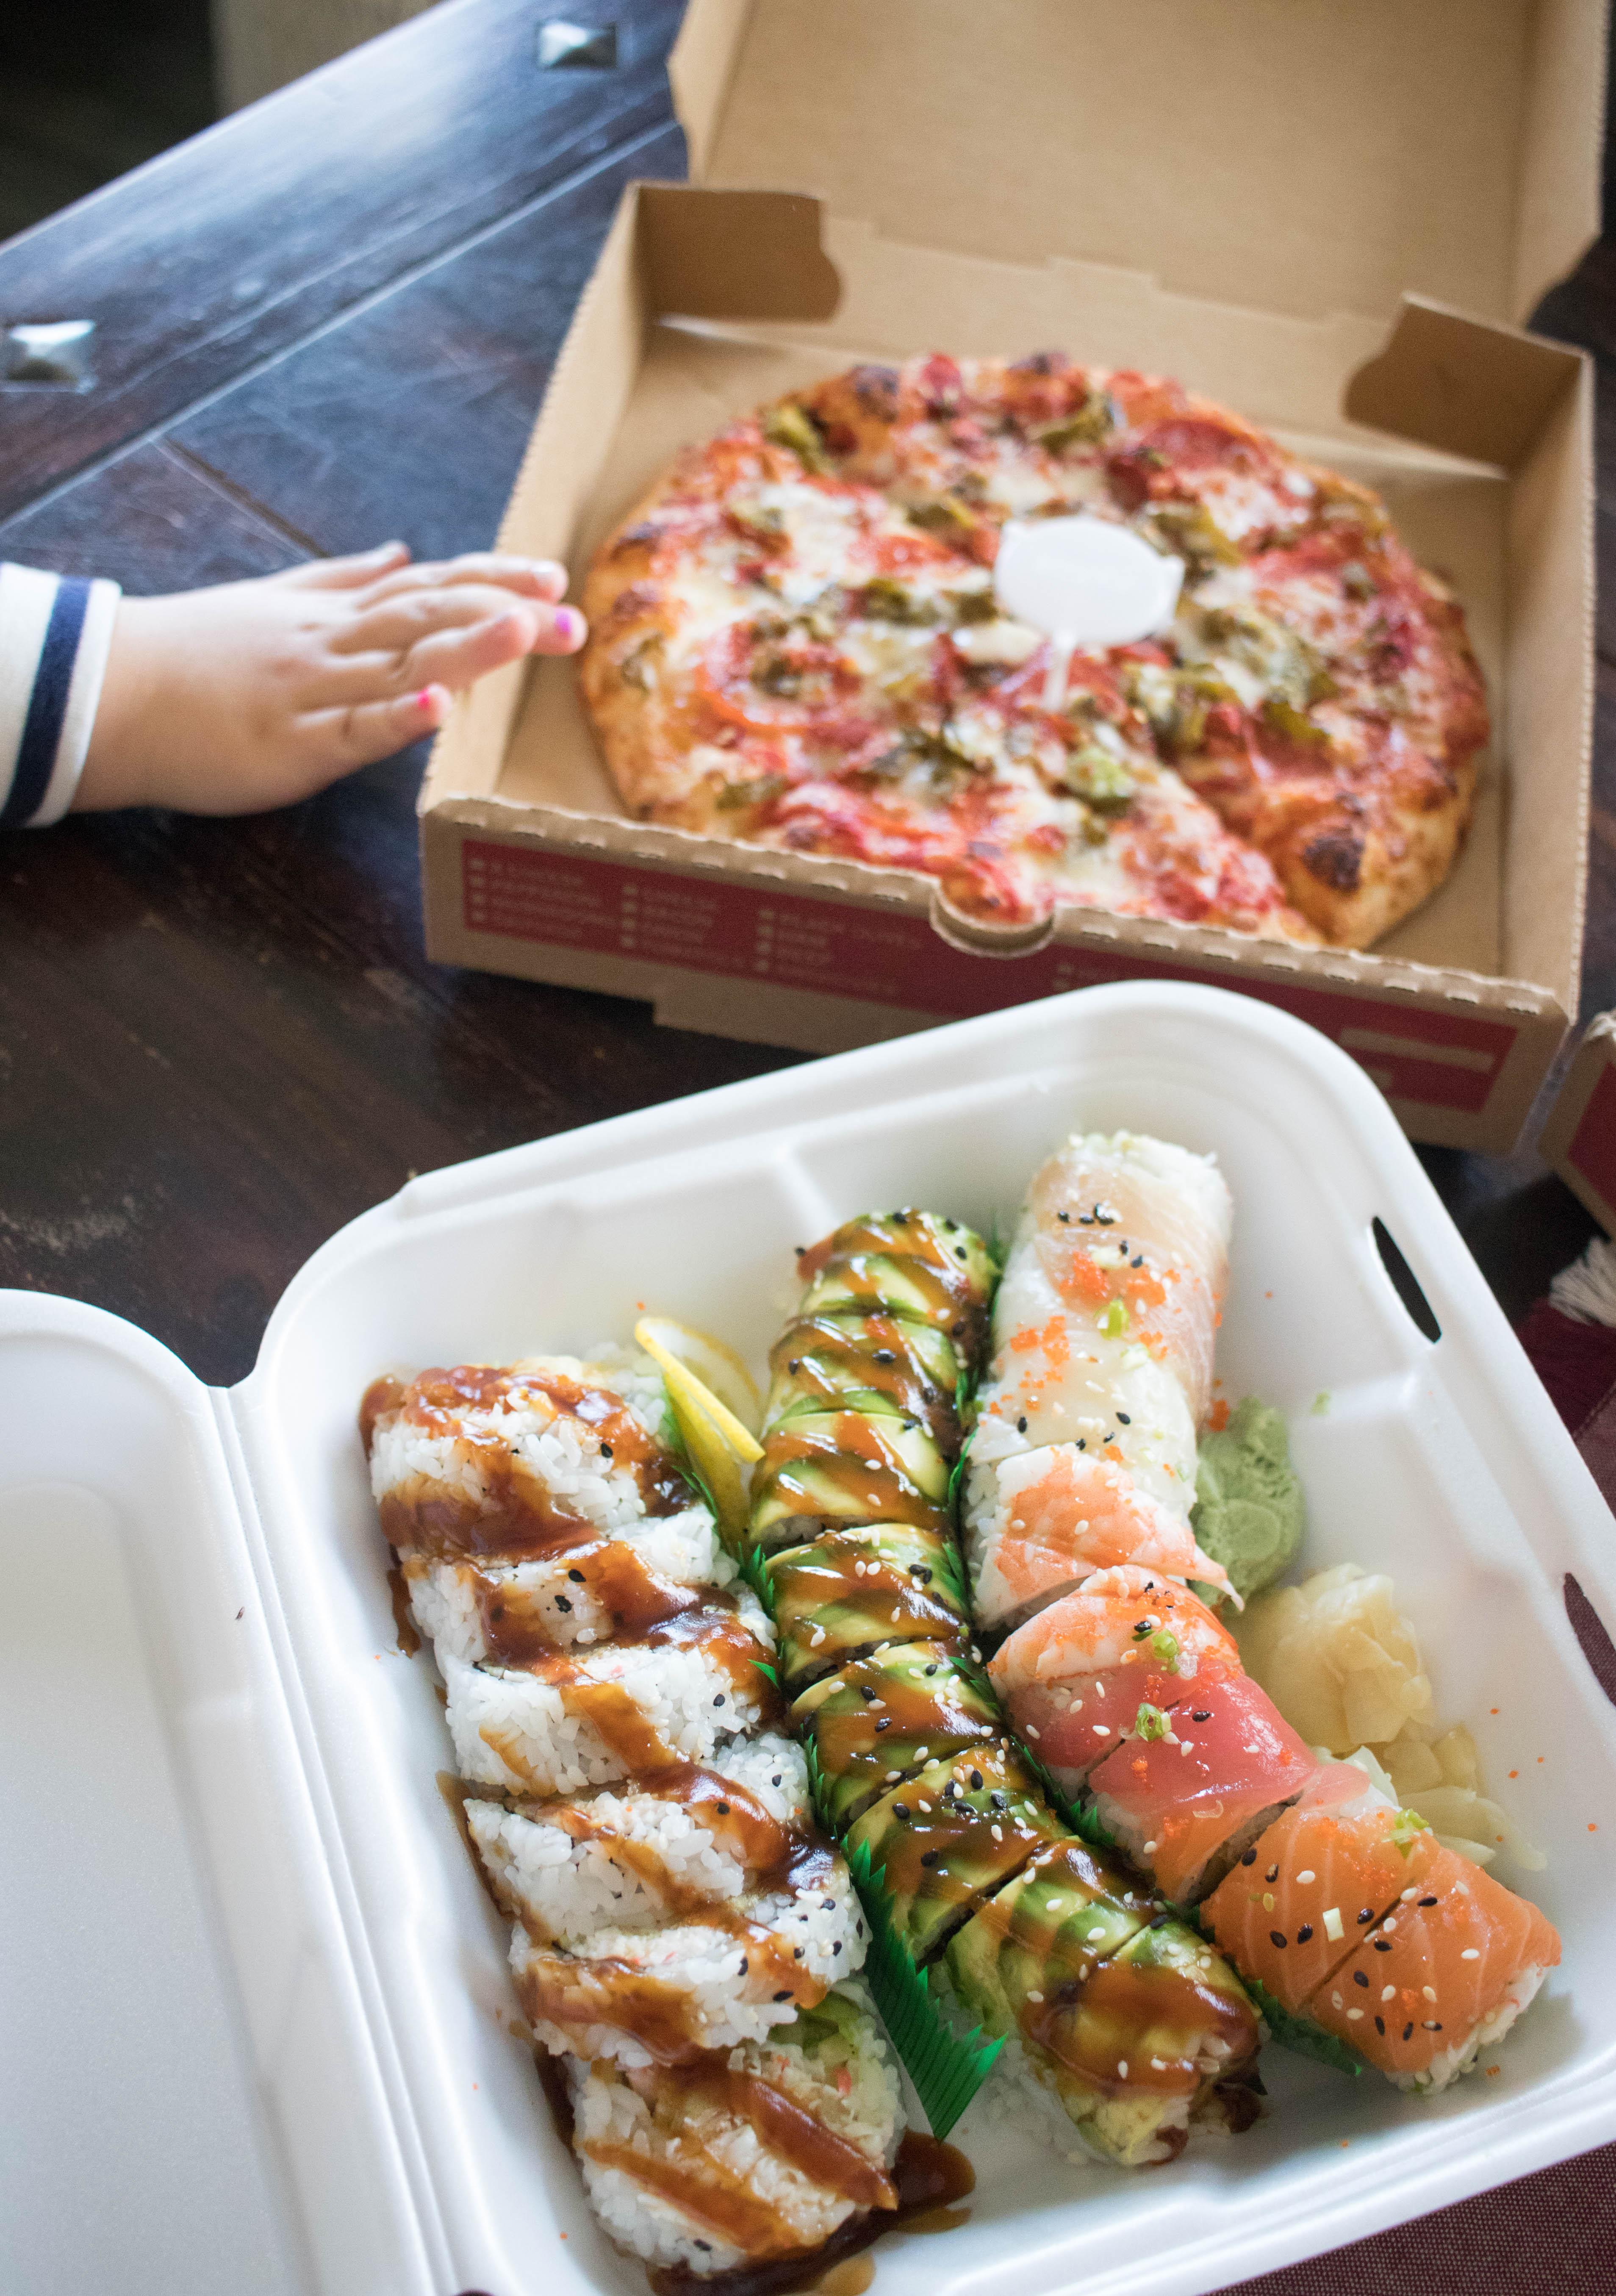 grubhub for girls night in #grubhub #sushi #girlsnight